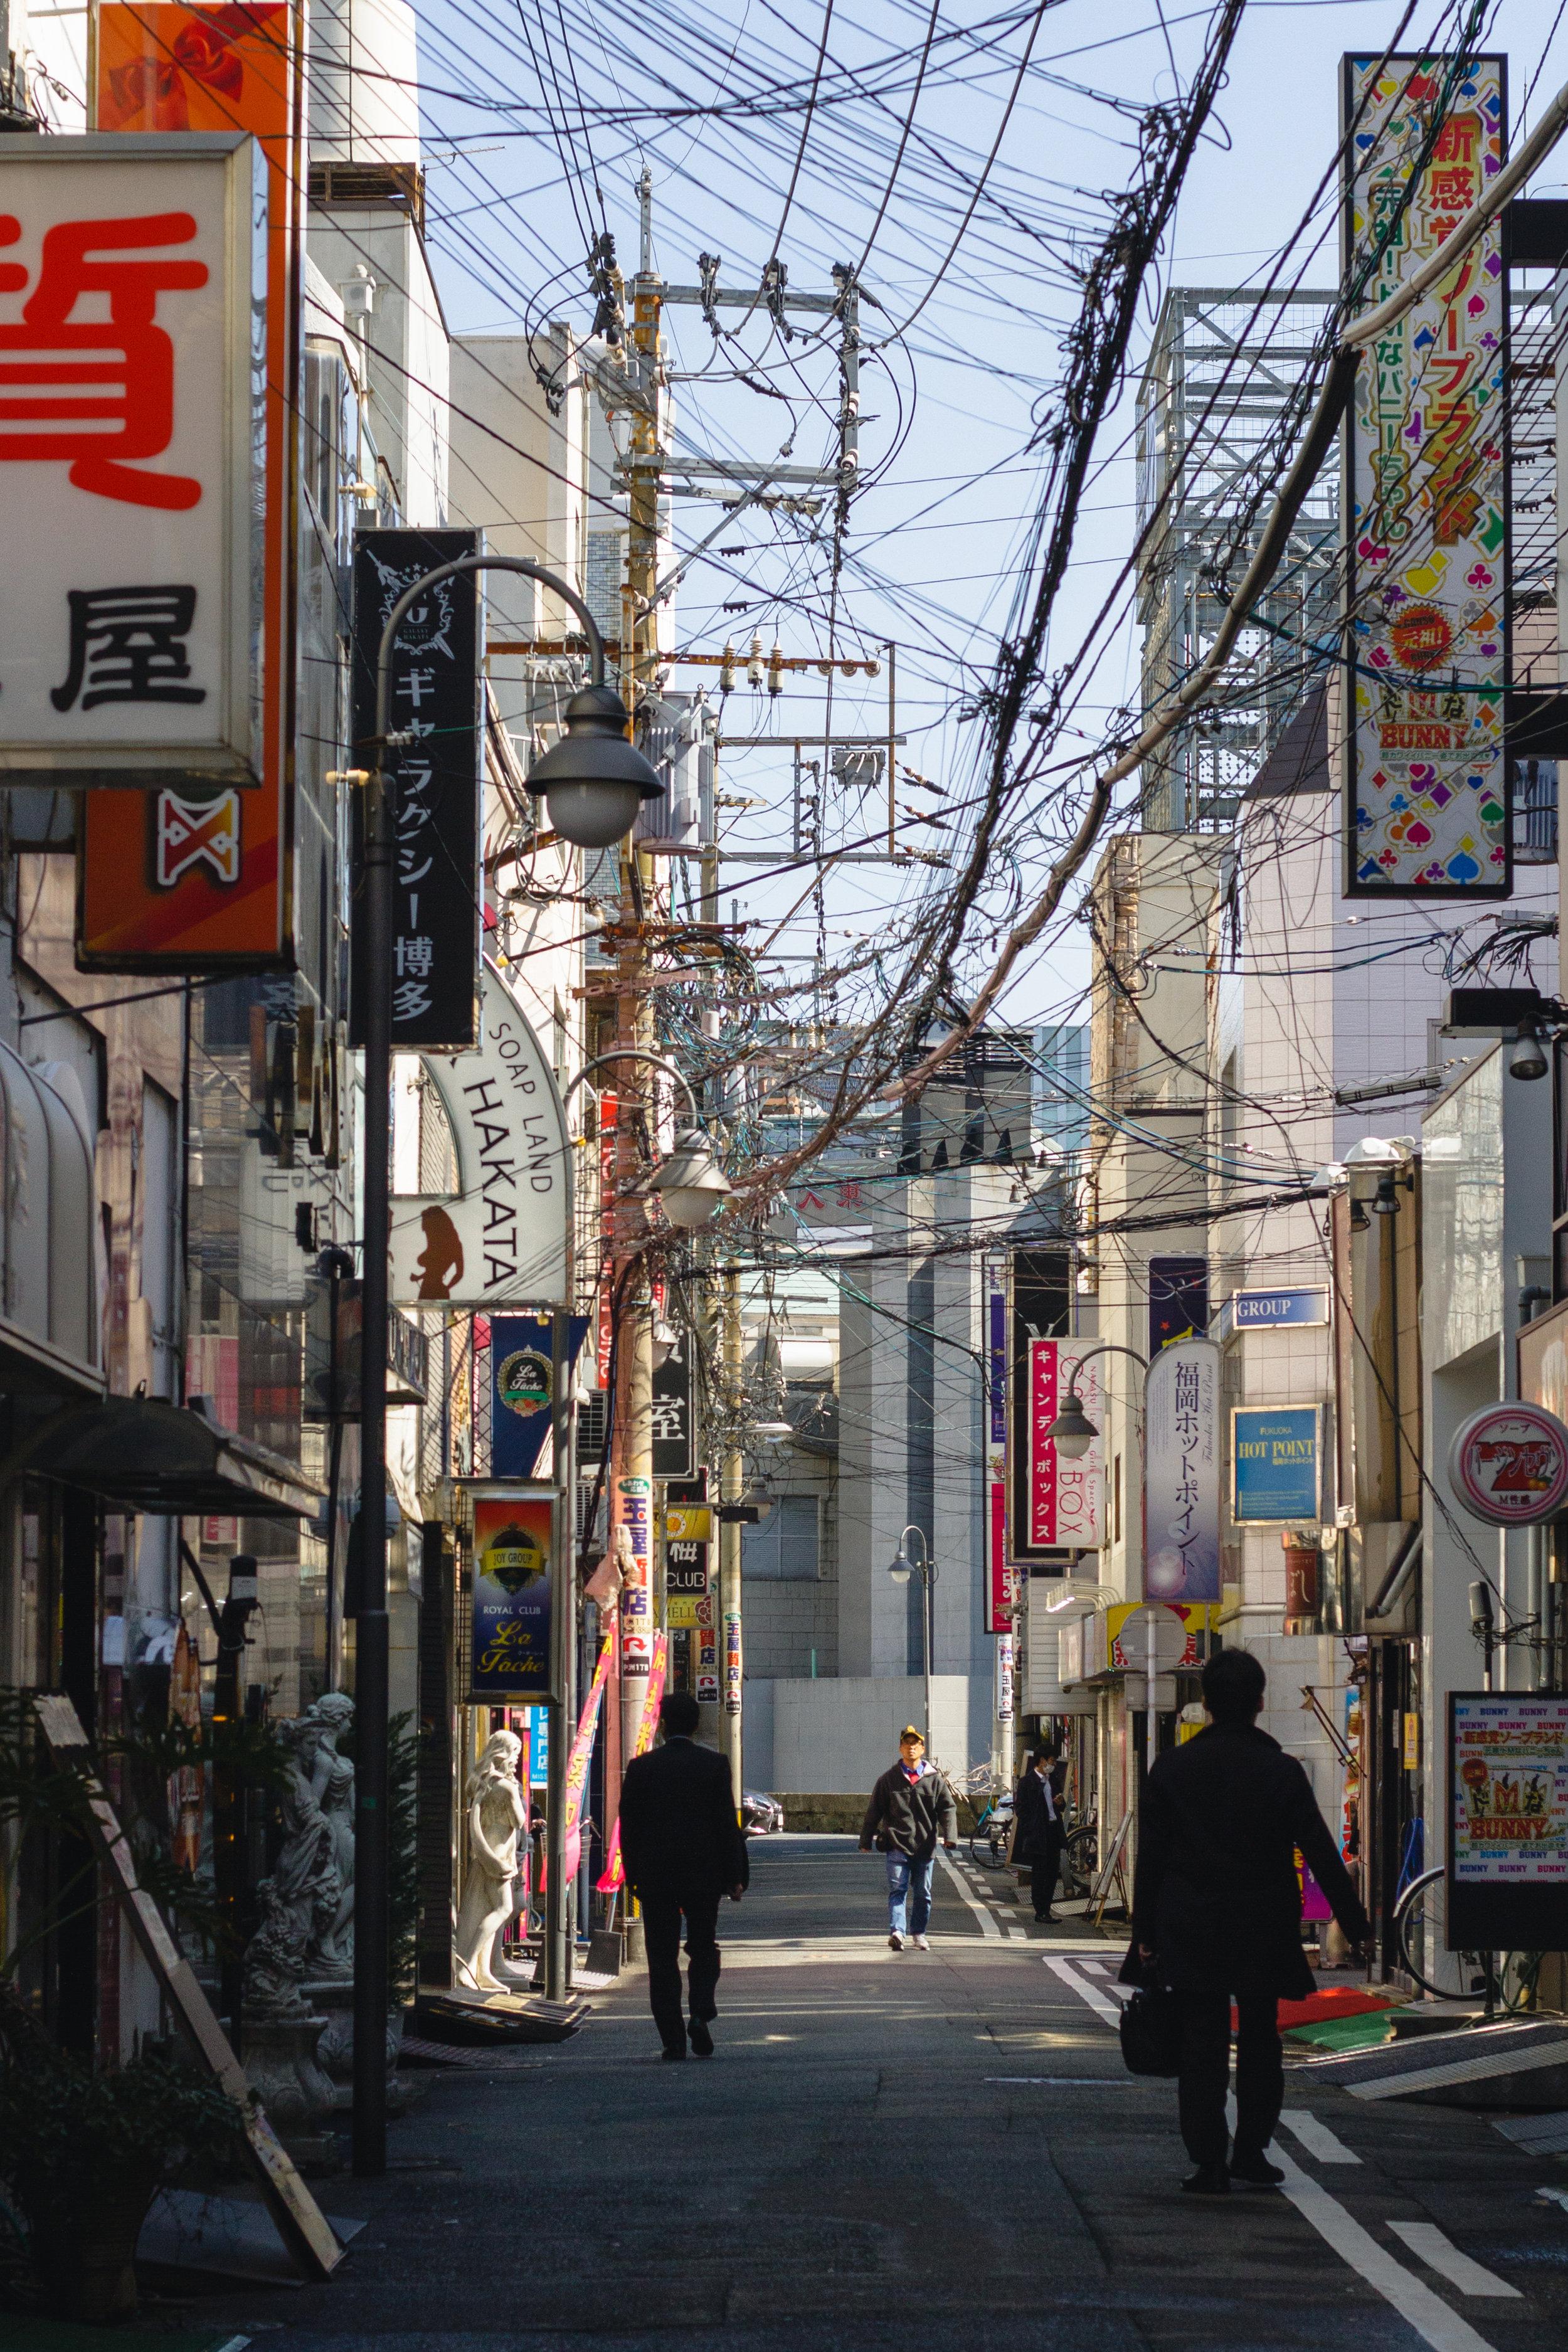 Alleyways | Hakata Neighborhood, Fukuoka